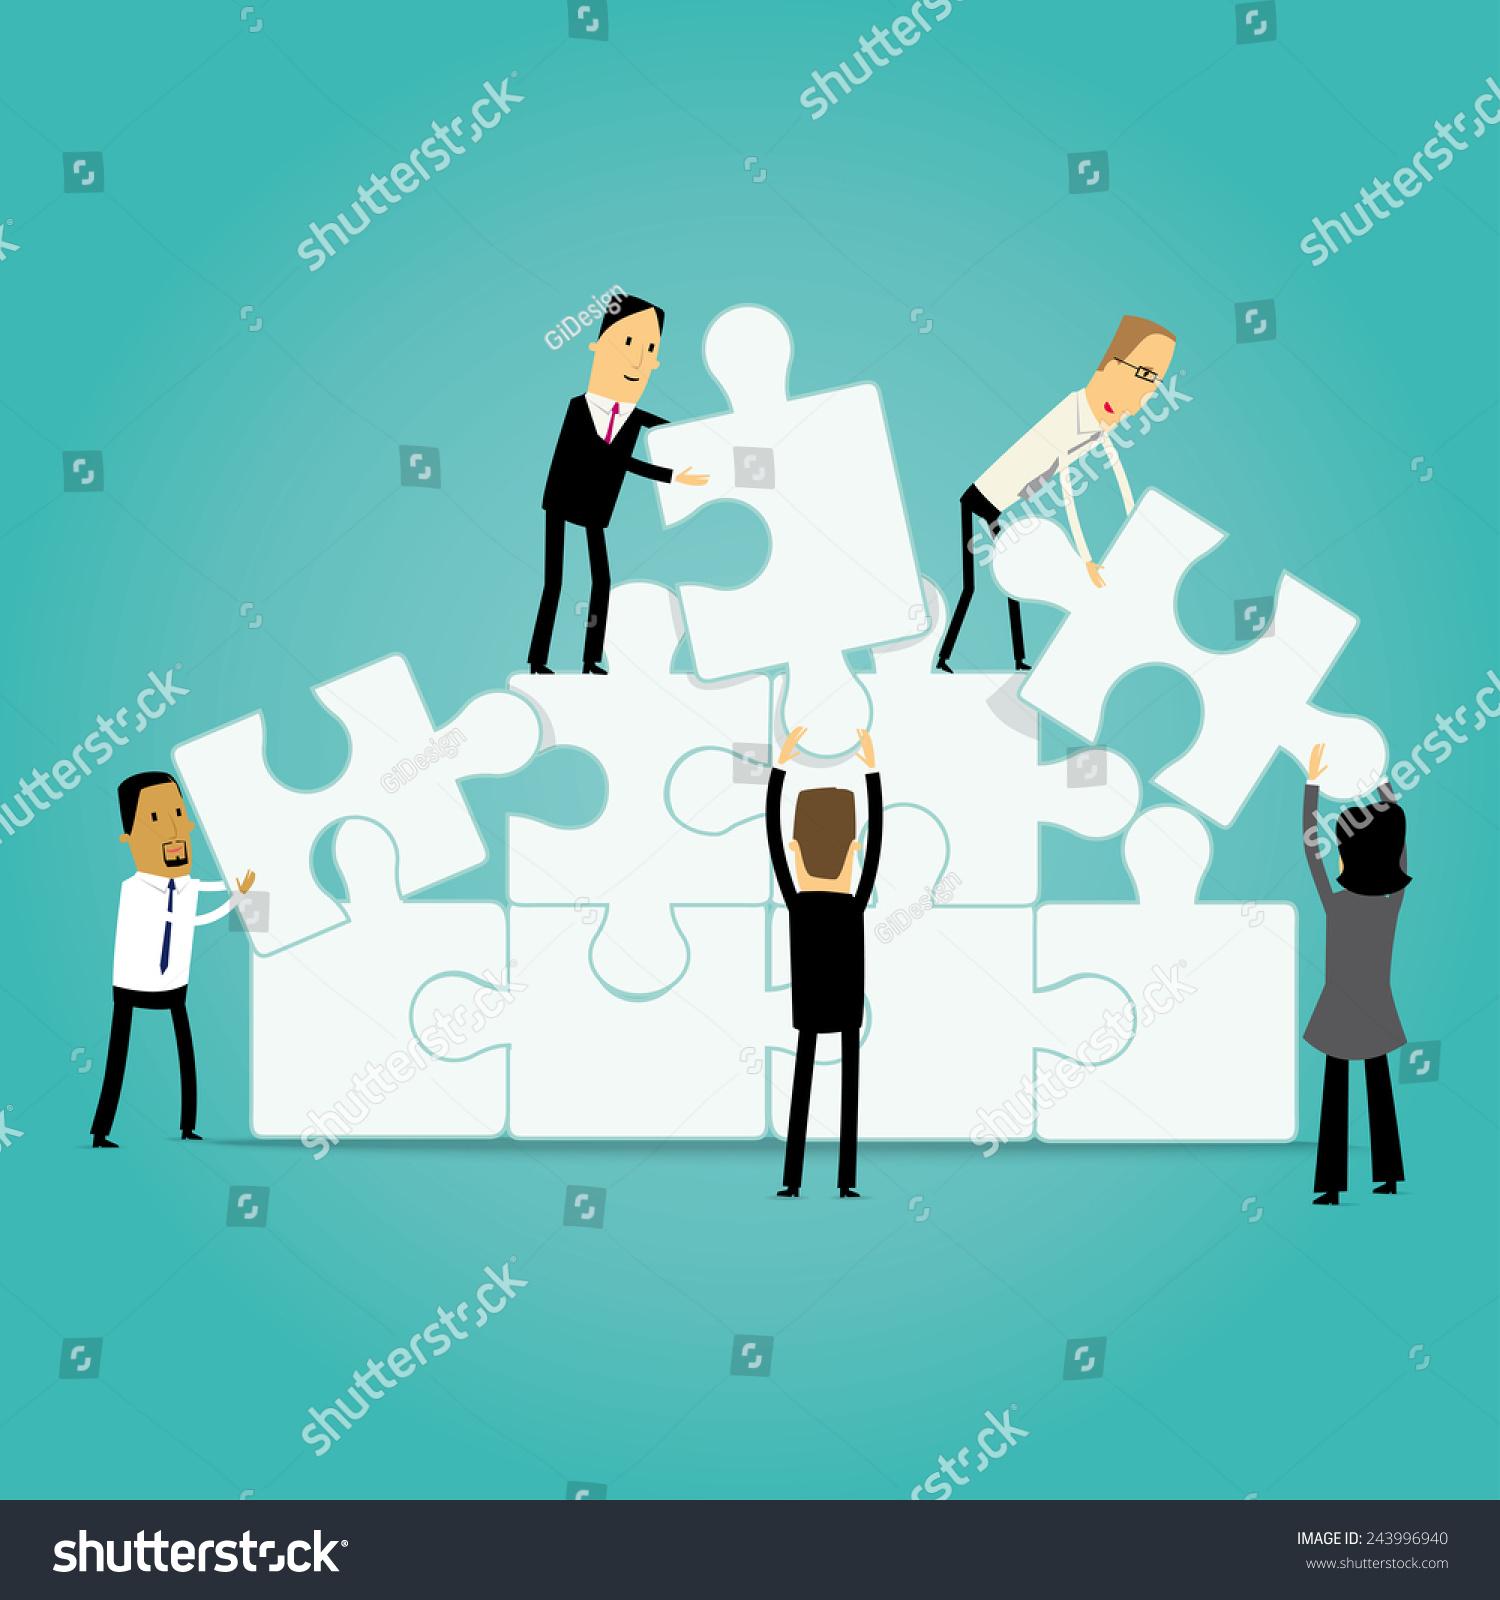 卡通企业的一群人组装拼图玩具-商业/金融,人物-海洛